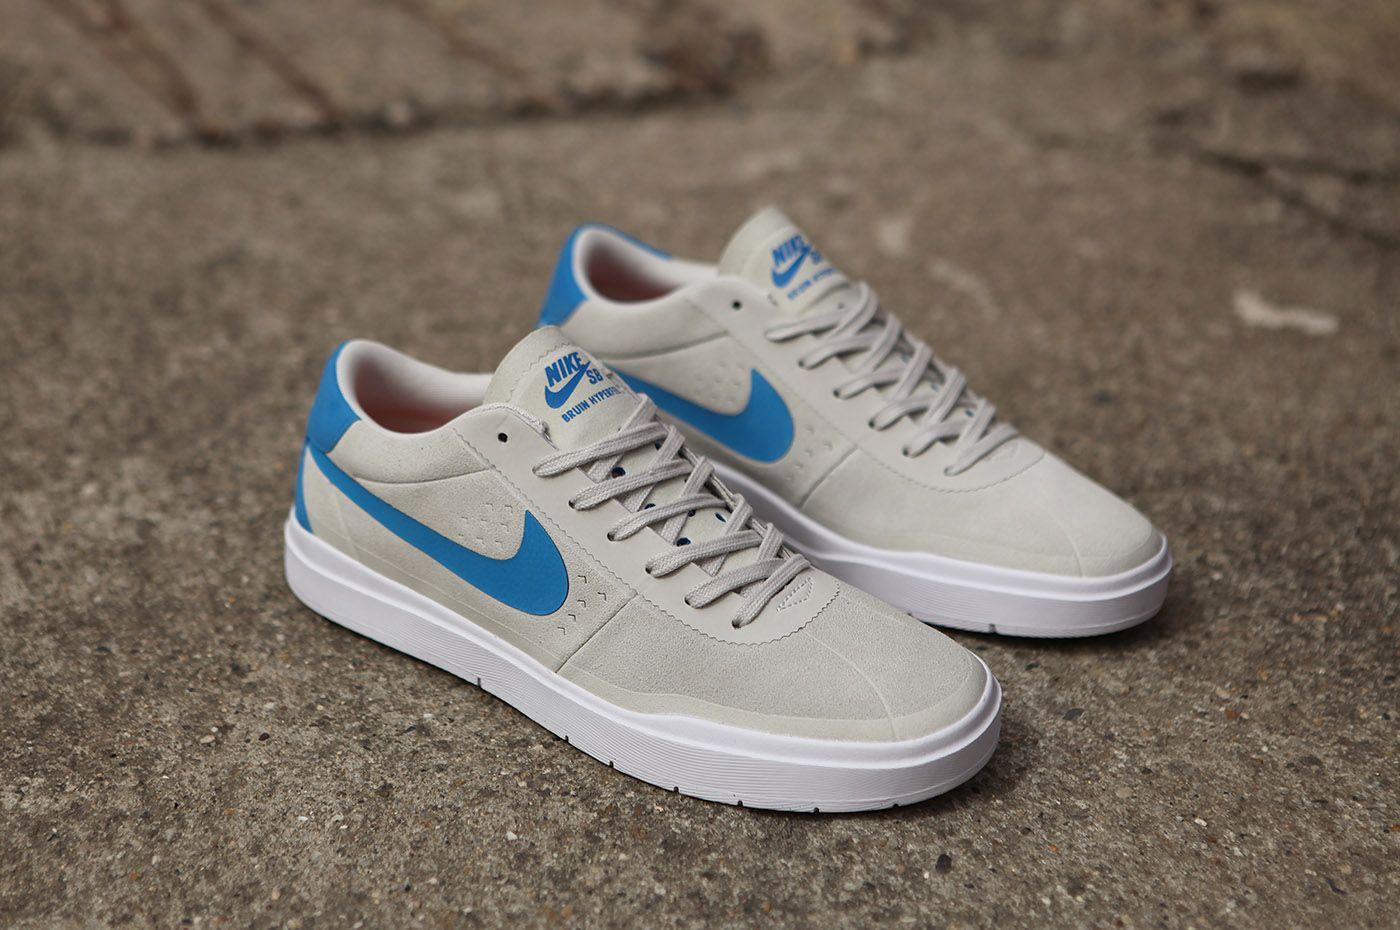 Nike SB Bruin Hyperfeel White Blue http://www.popname.cz/